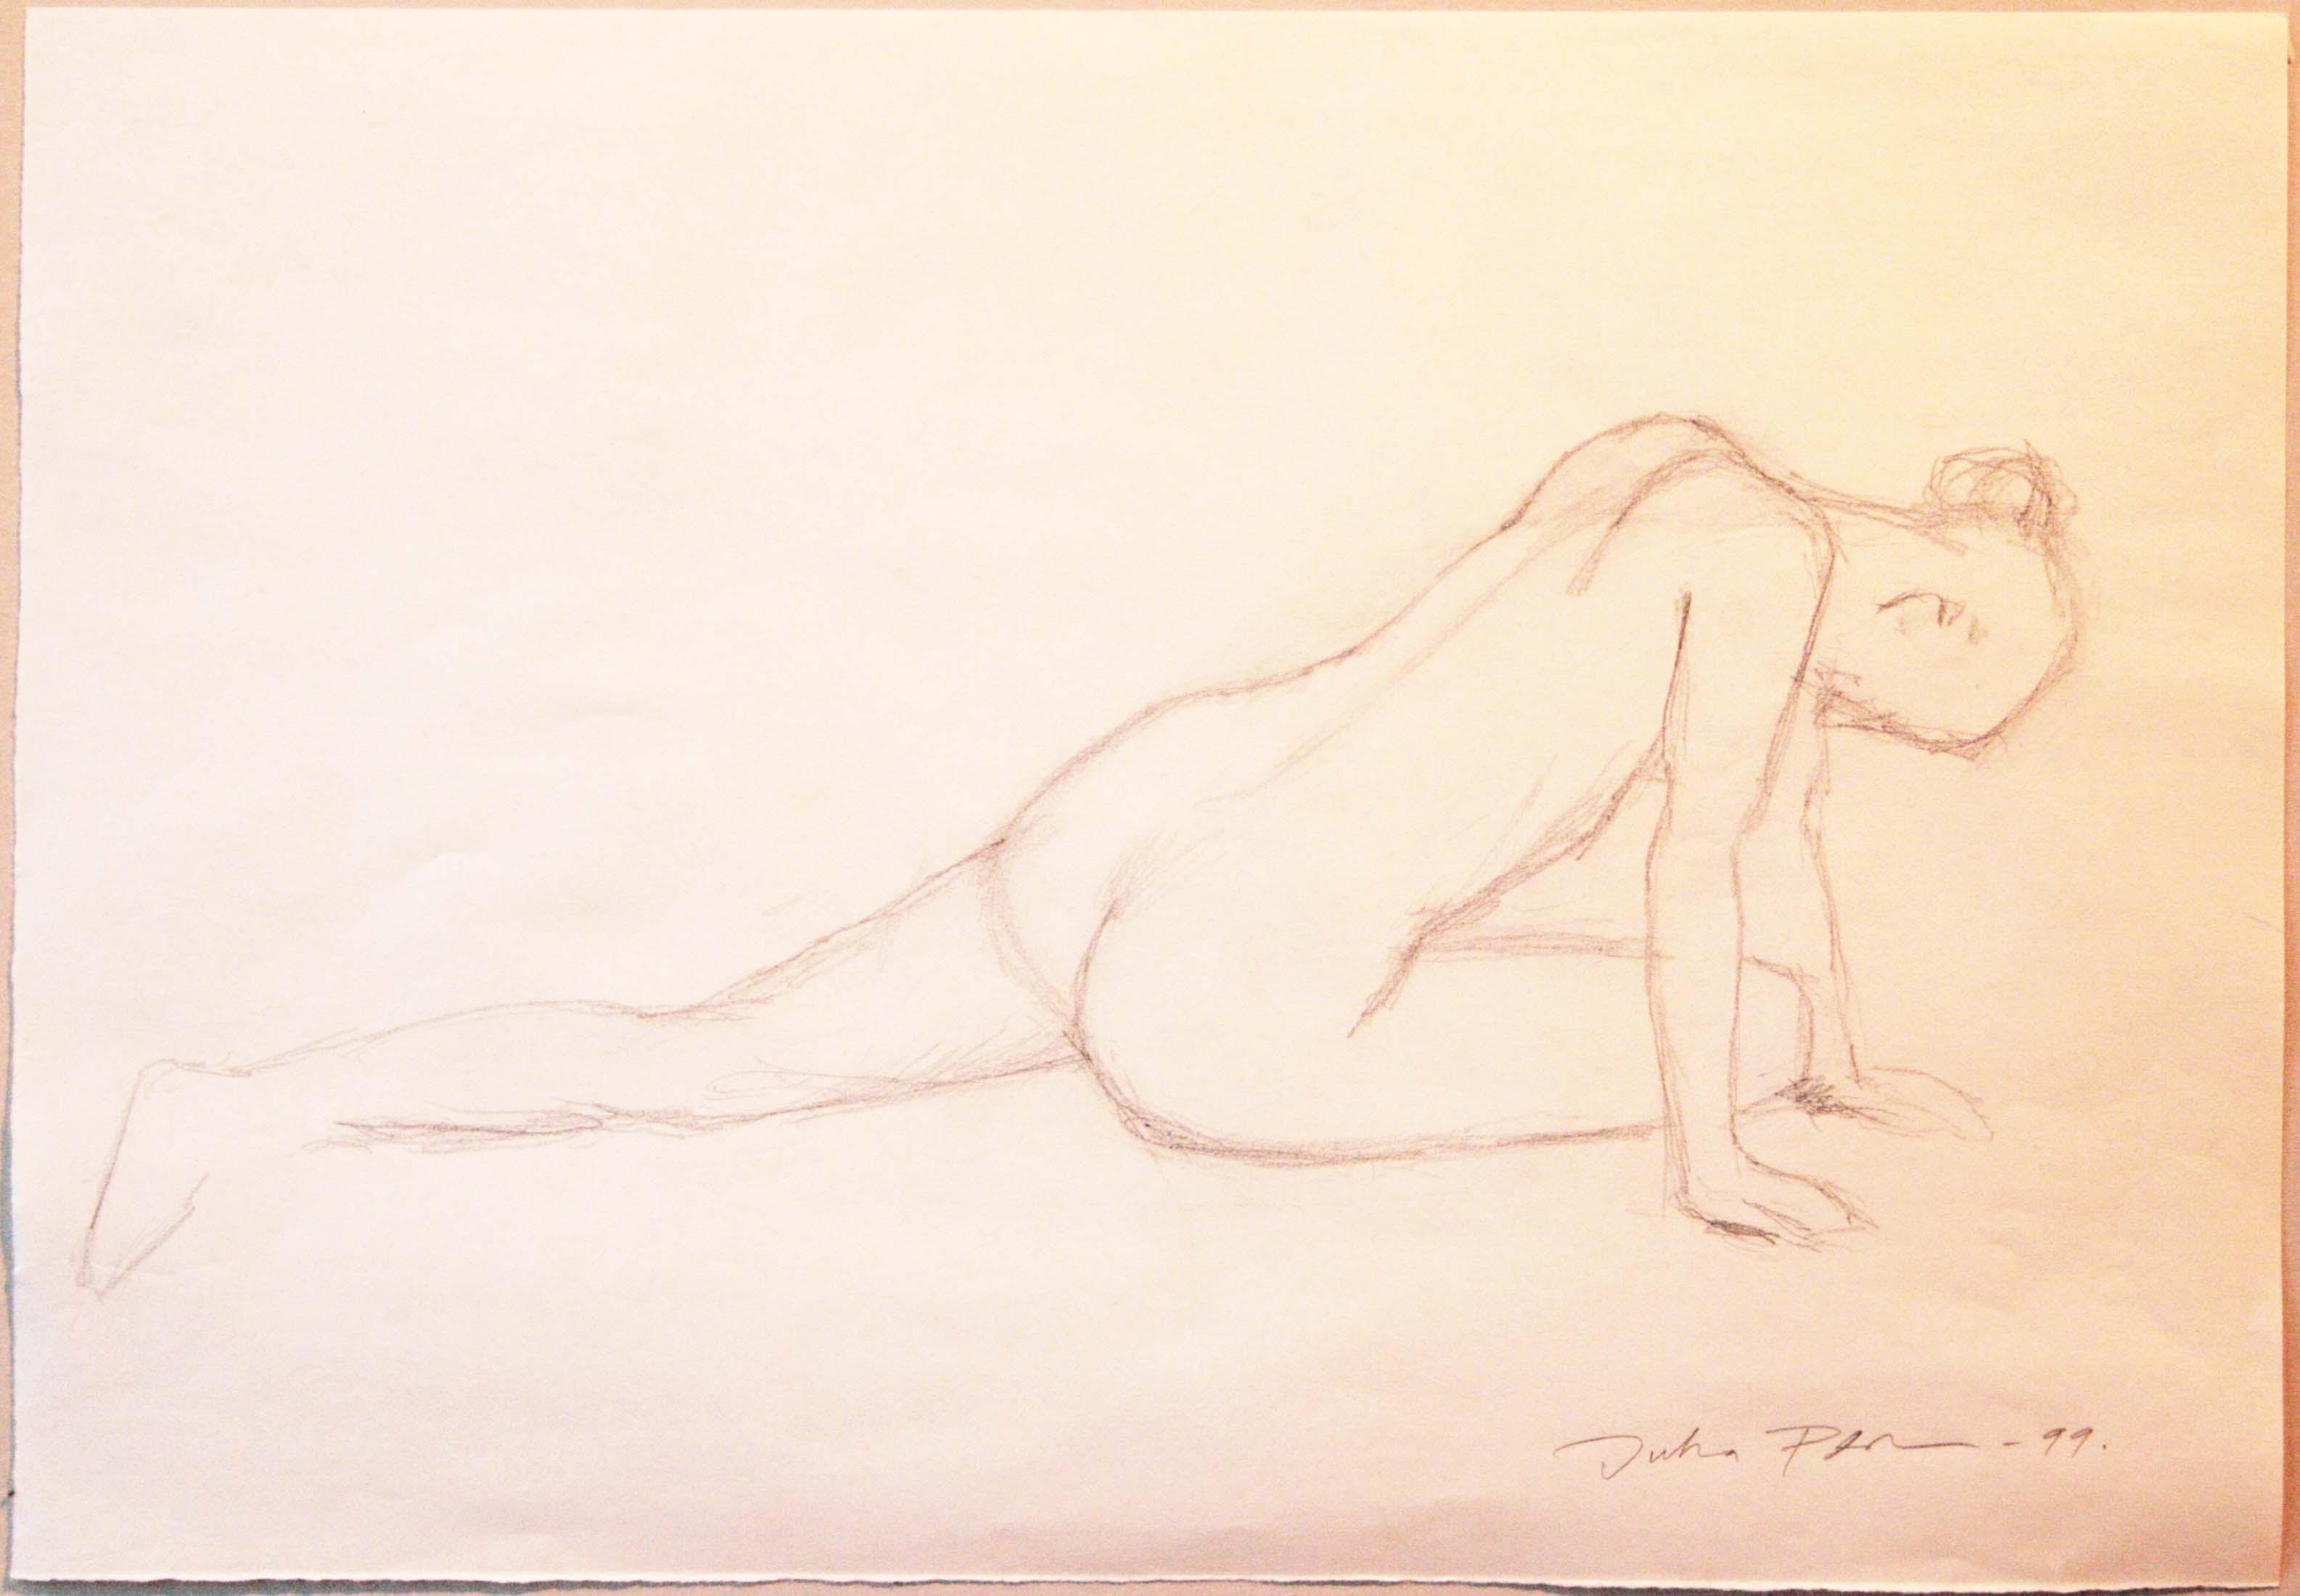 Croquis,25,7x37cm,lyijykynä,1999